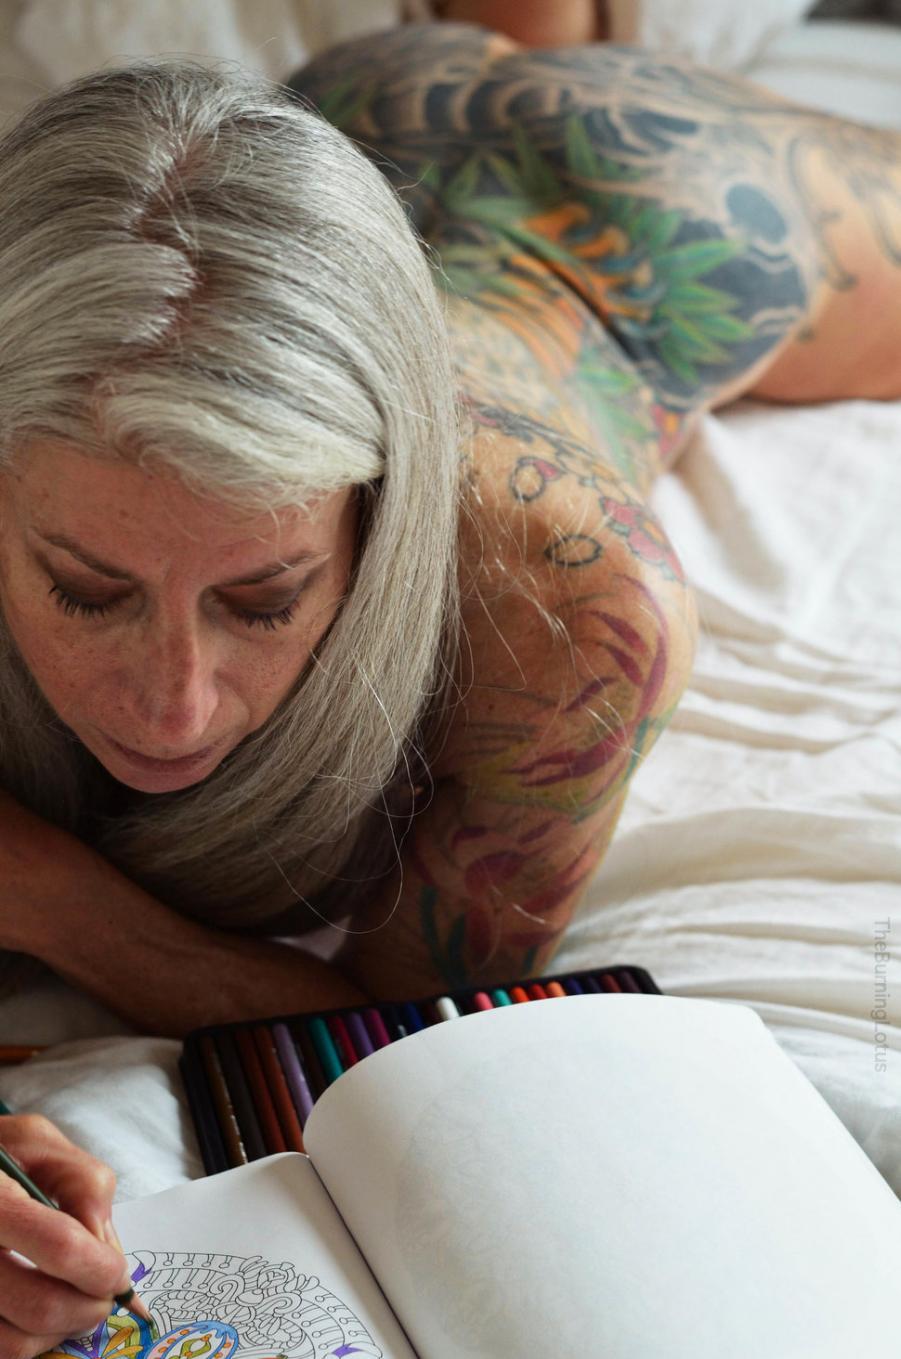 F5 Pytają Cię Jak Będziesz Na Starość Wyglądać Z Tatuażem